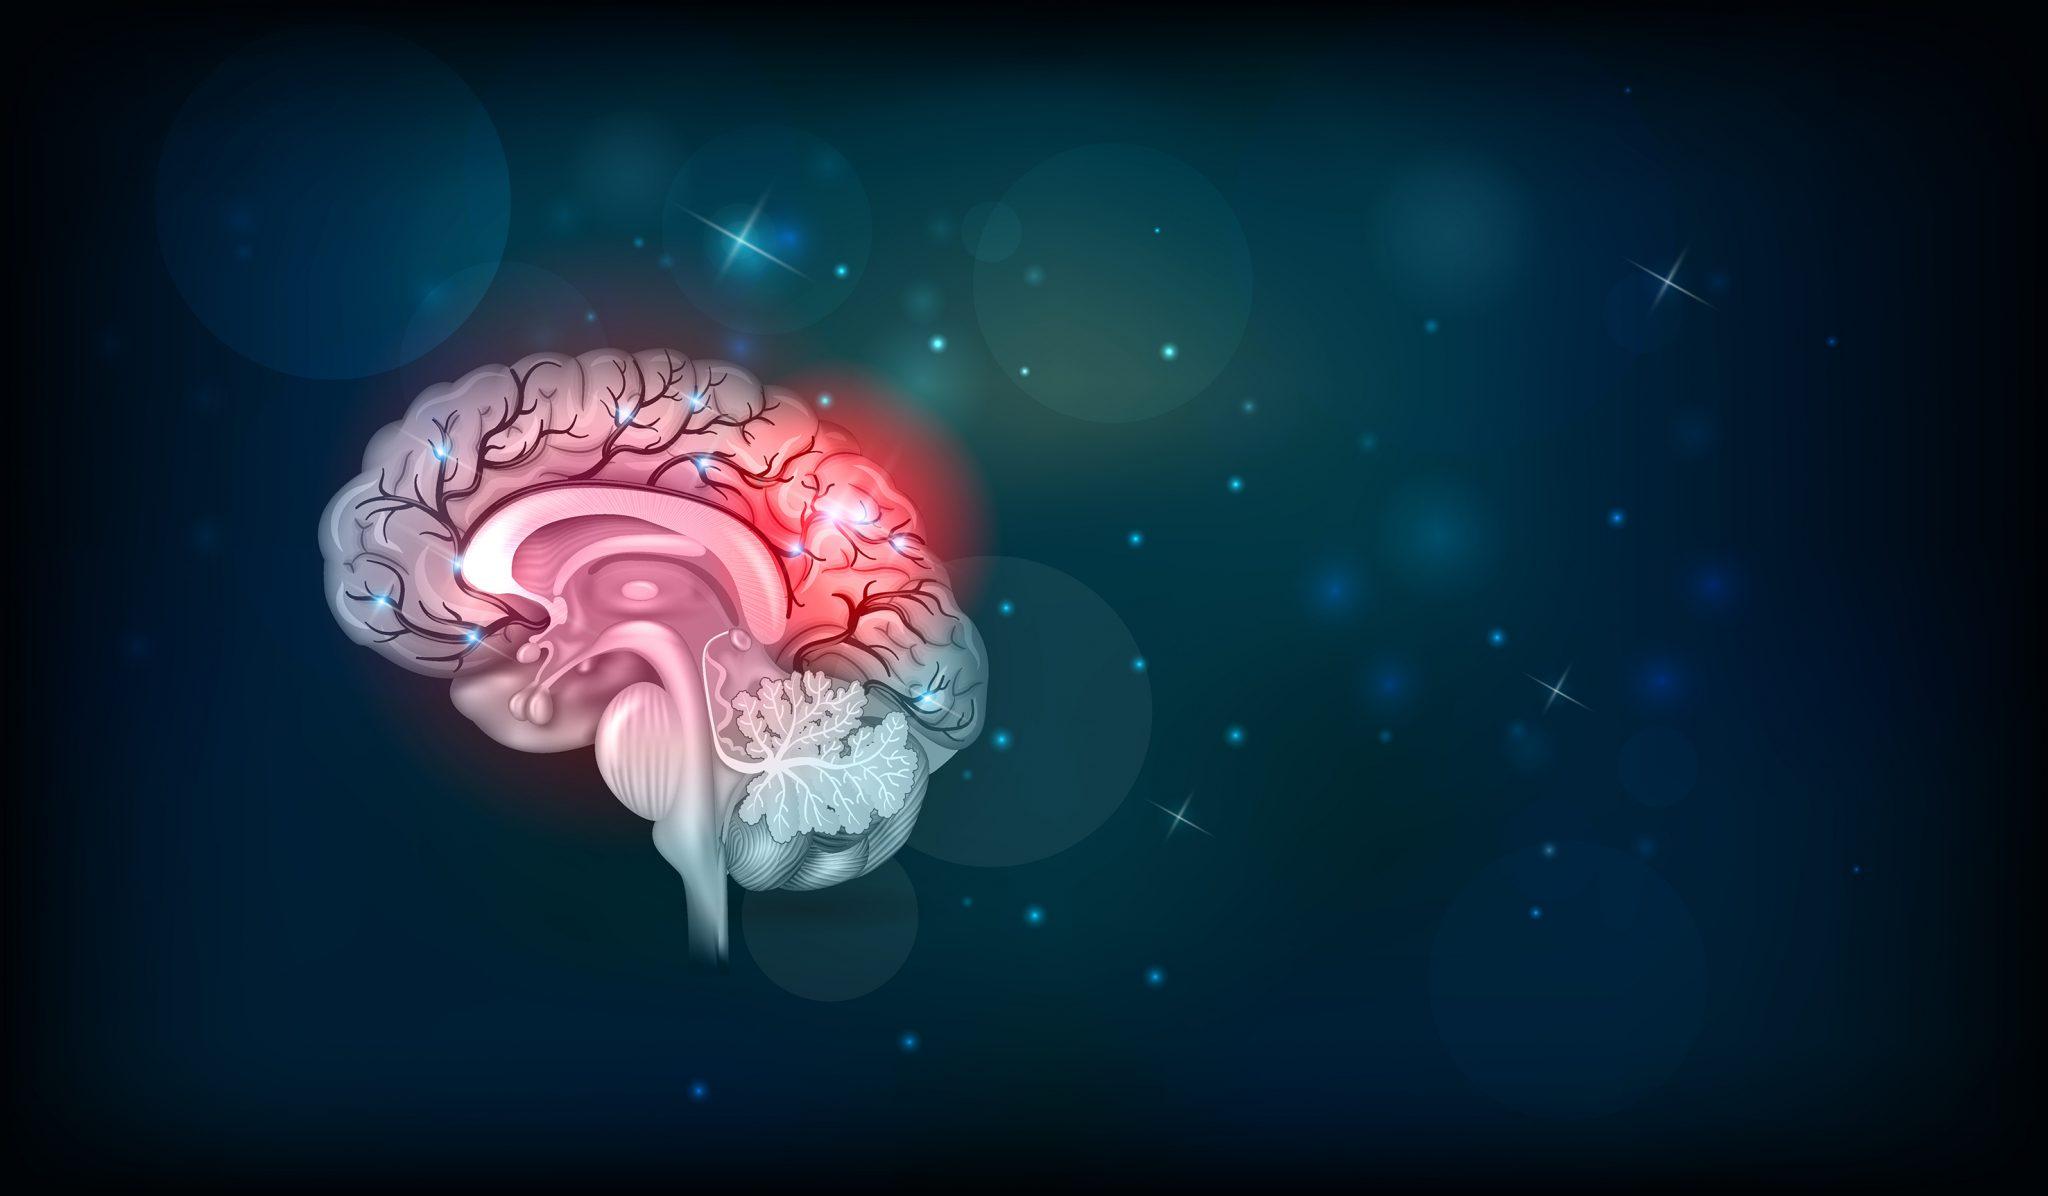 Κορονοϊός: Αυξημένος κίνδυνος θανάτου και αναπηρίας από εγκεφαλικά